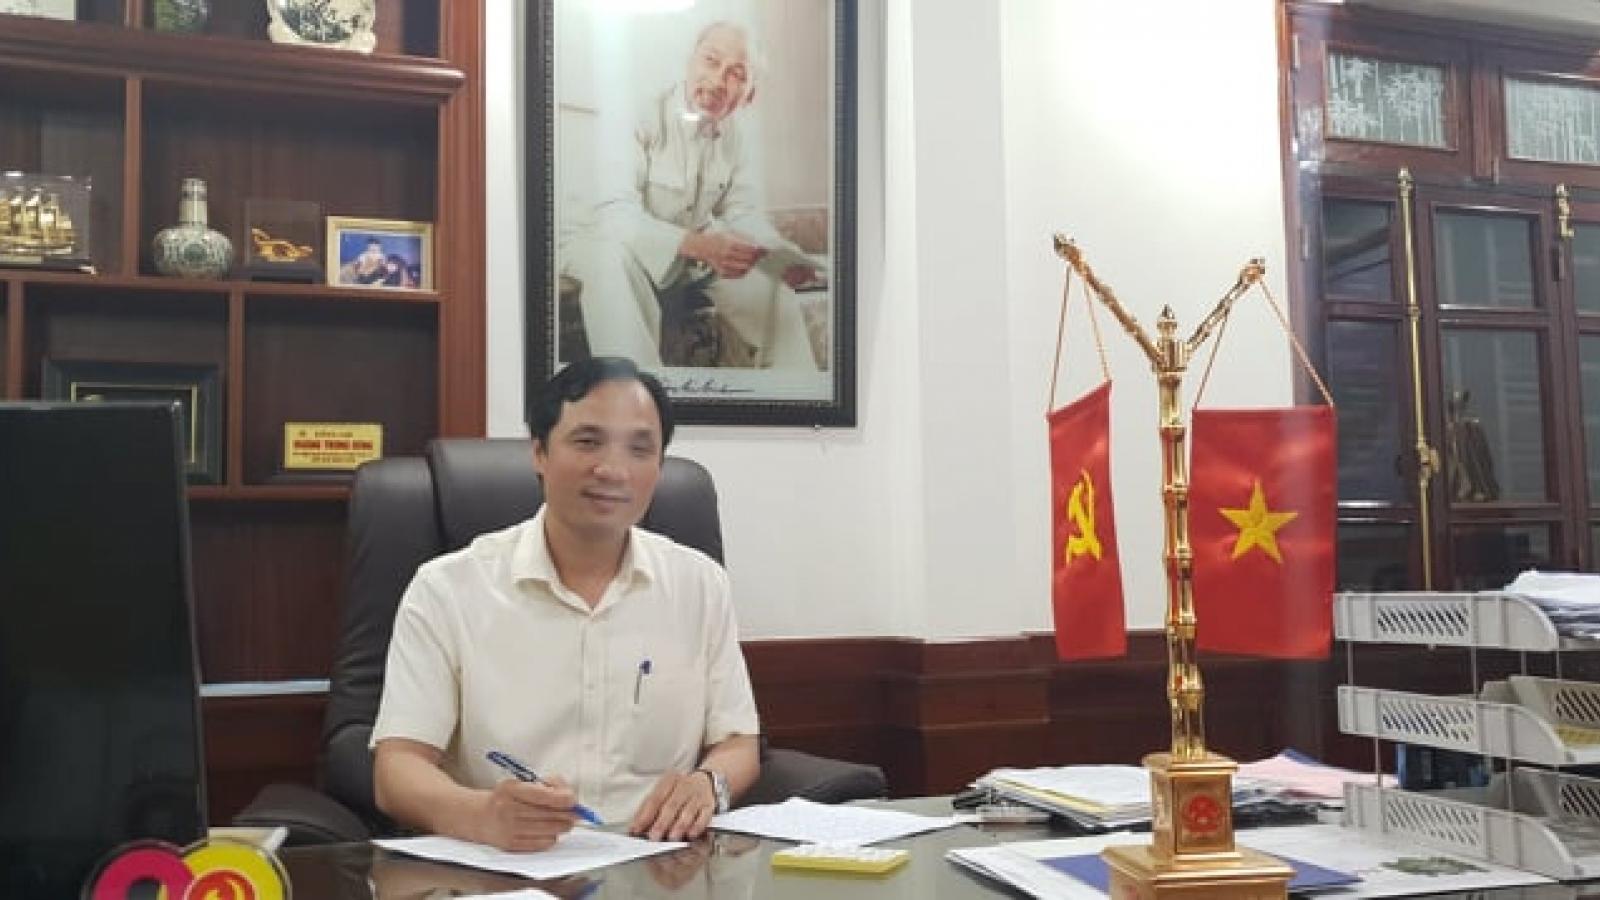 Bí thư Tỉnh ủy Hà Tĩnh: Tập trung giải quyết việc làm, nâng cao đời sống người dân